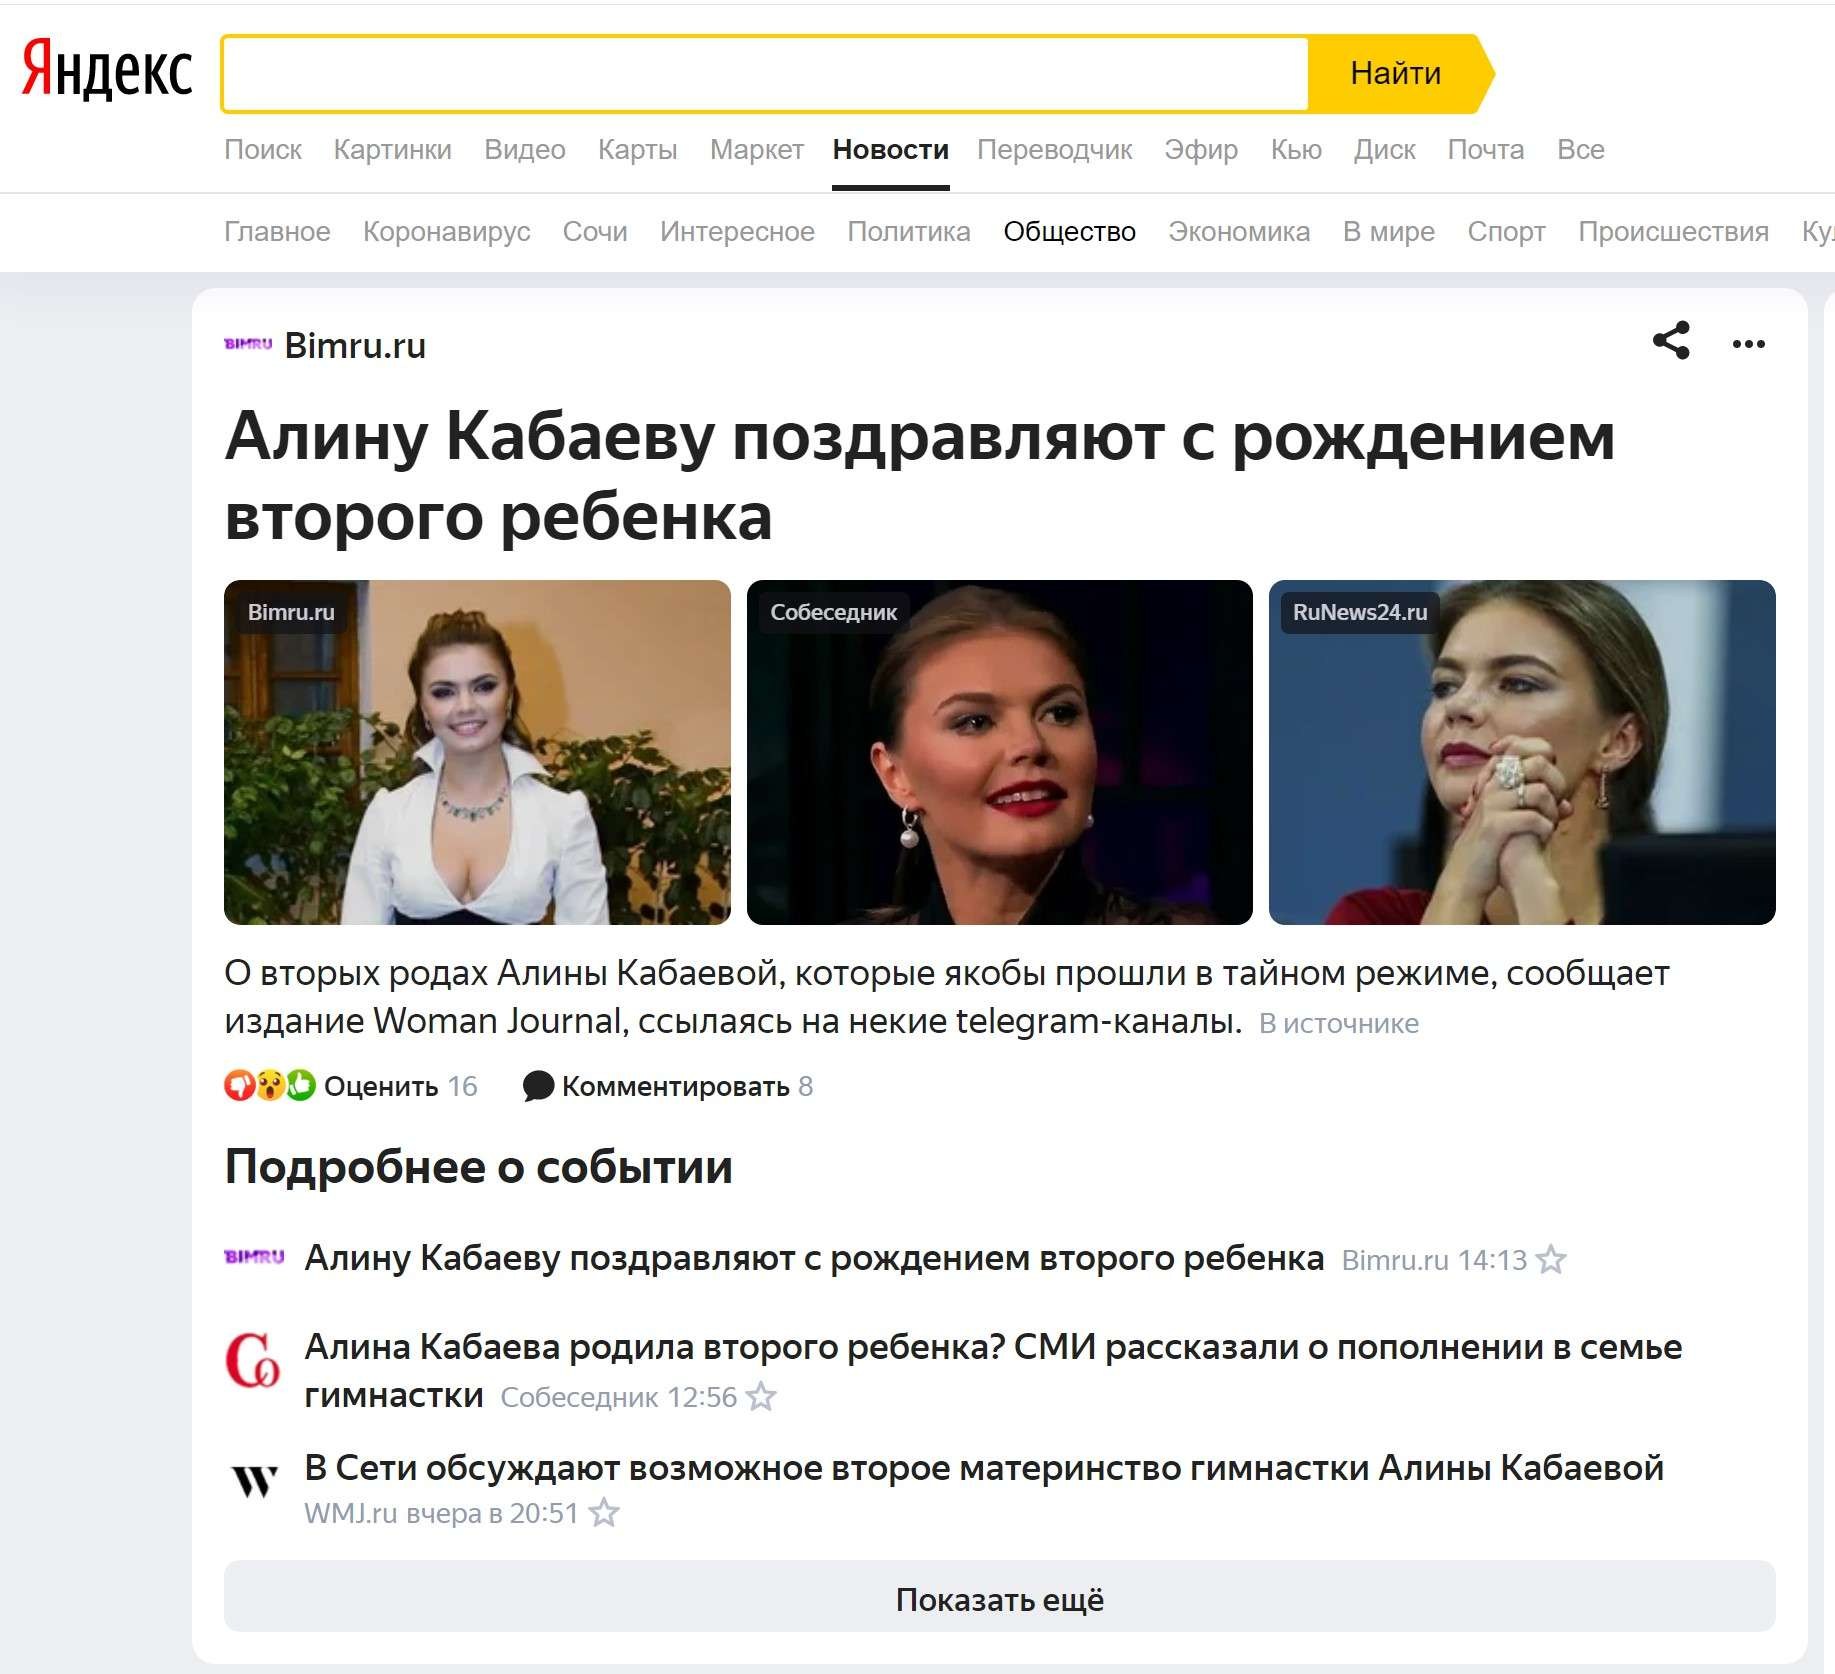 Сообщения что Алина Кабаева тайно родила появились в СМИ